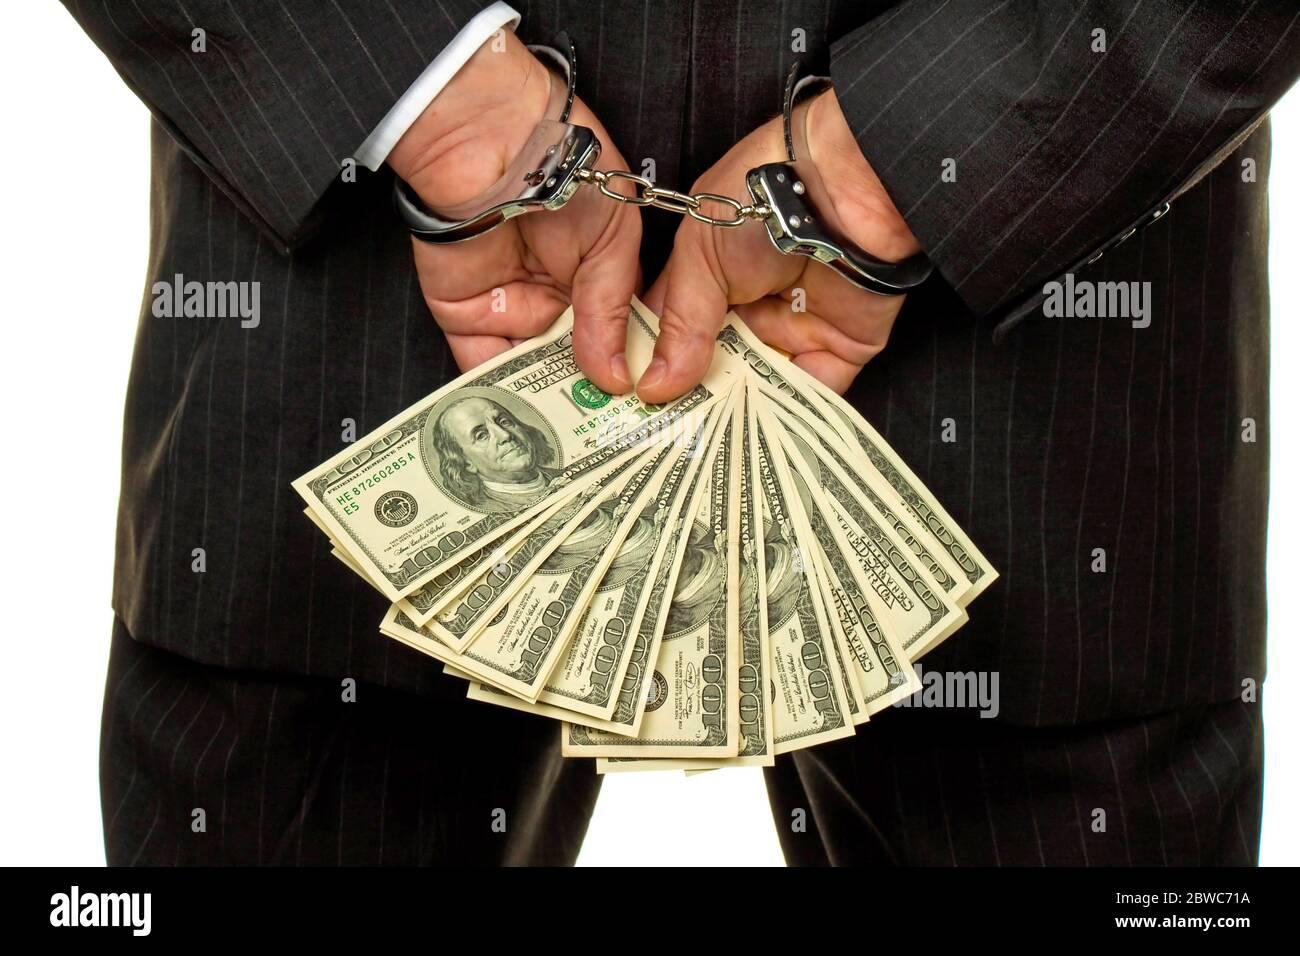 Manager mit Dollar Geldscheinen in der Hand, Handschellen, verhaftet, Schwarzgeld, Stock Photo